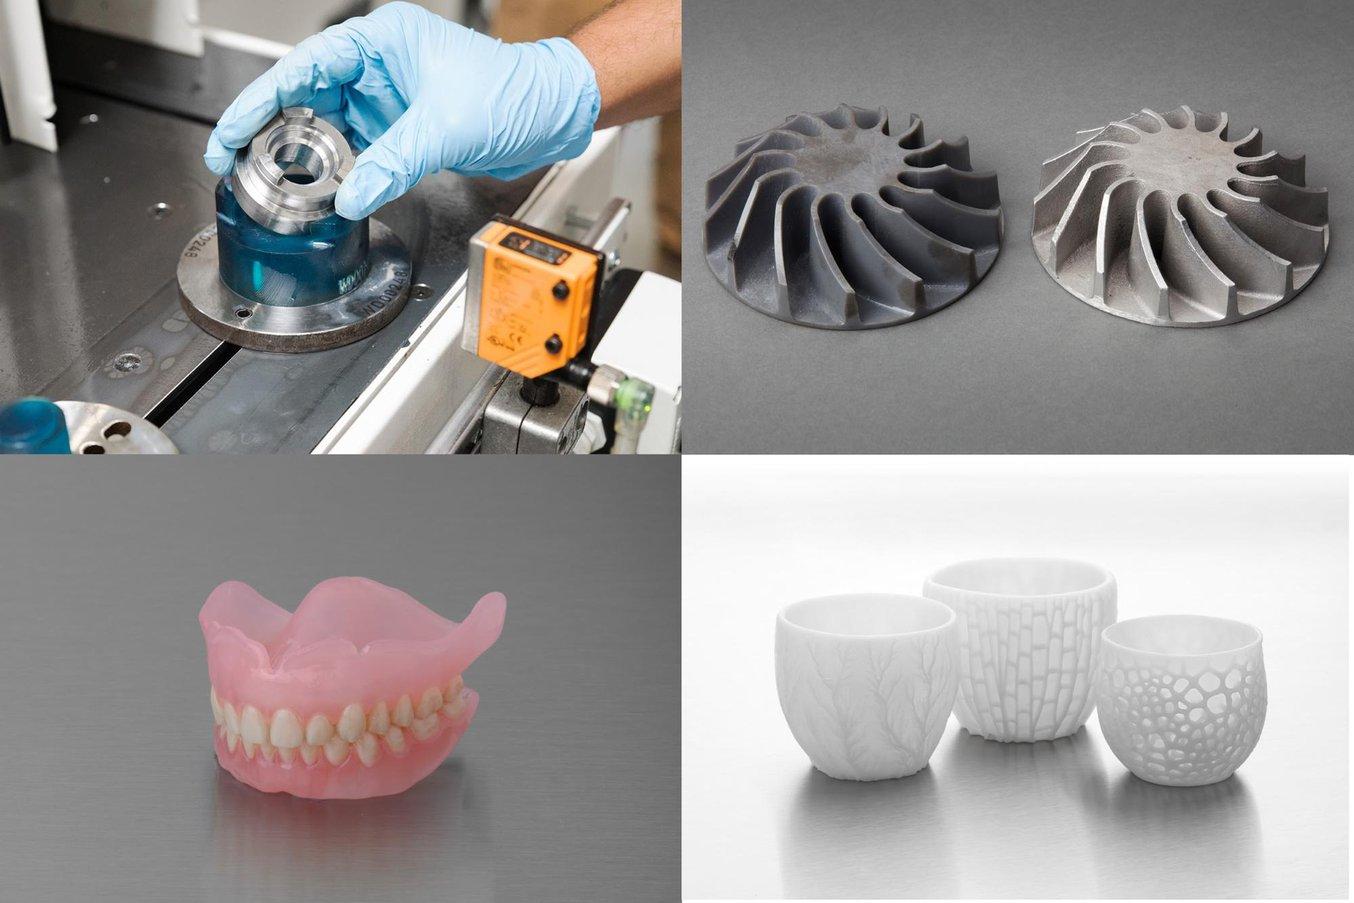 Vier Teile, die mit demselben SLA-3D-Drucker hergestellt wurden. eine Vorrichtung in einer automatisierten Fertigungsstraße in einer Automobilfabrik; ein mithilfe eines 3D-gedruckten Modells gegossenes Metallteil; biokompatible Prothese; Keramikgeschirr